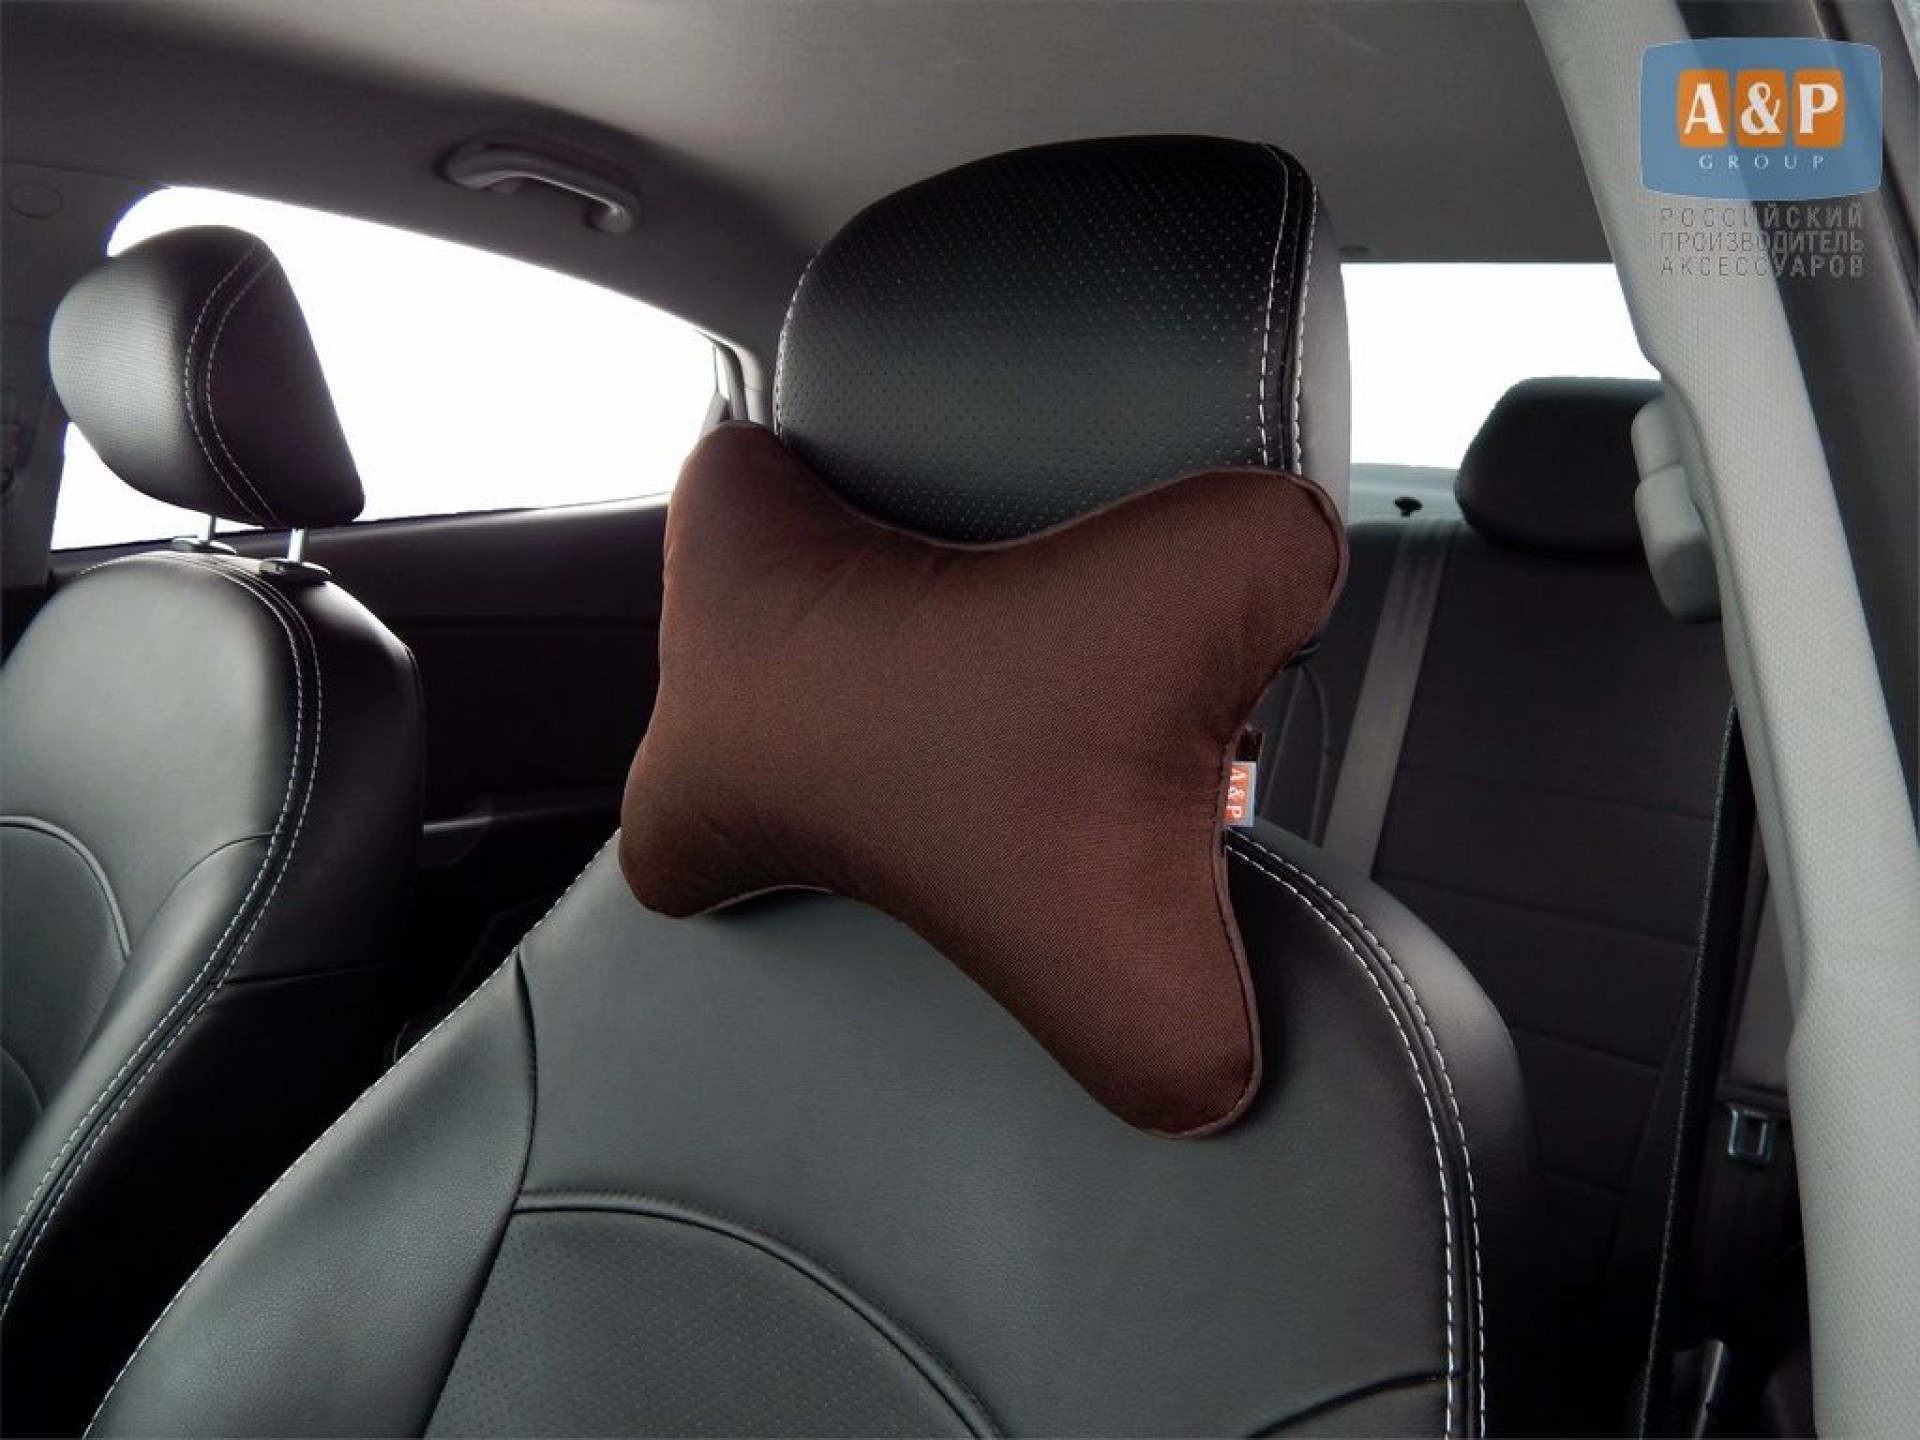 Подушка-косточка автомобильная под шею. Средняя. Ткань: рогожка.